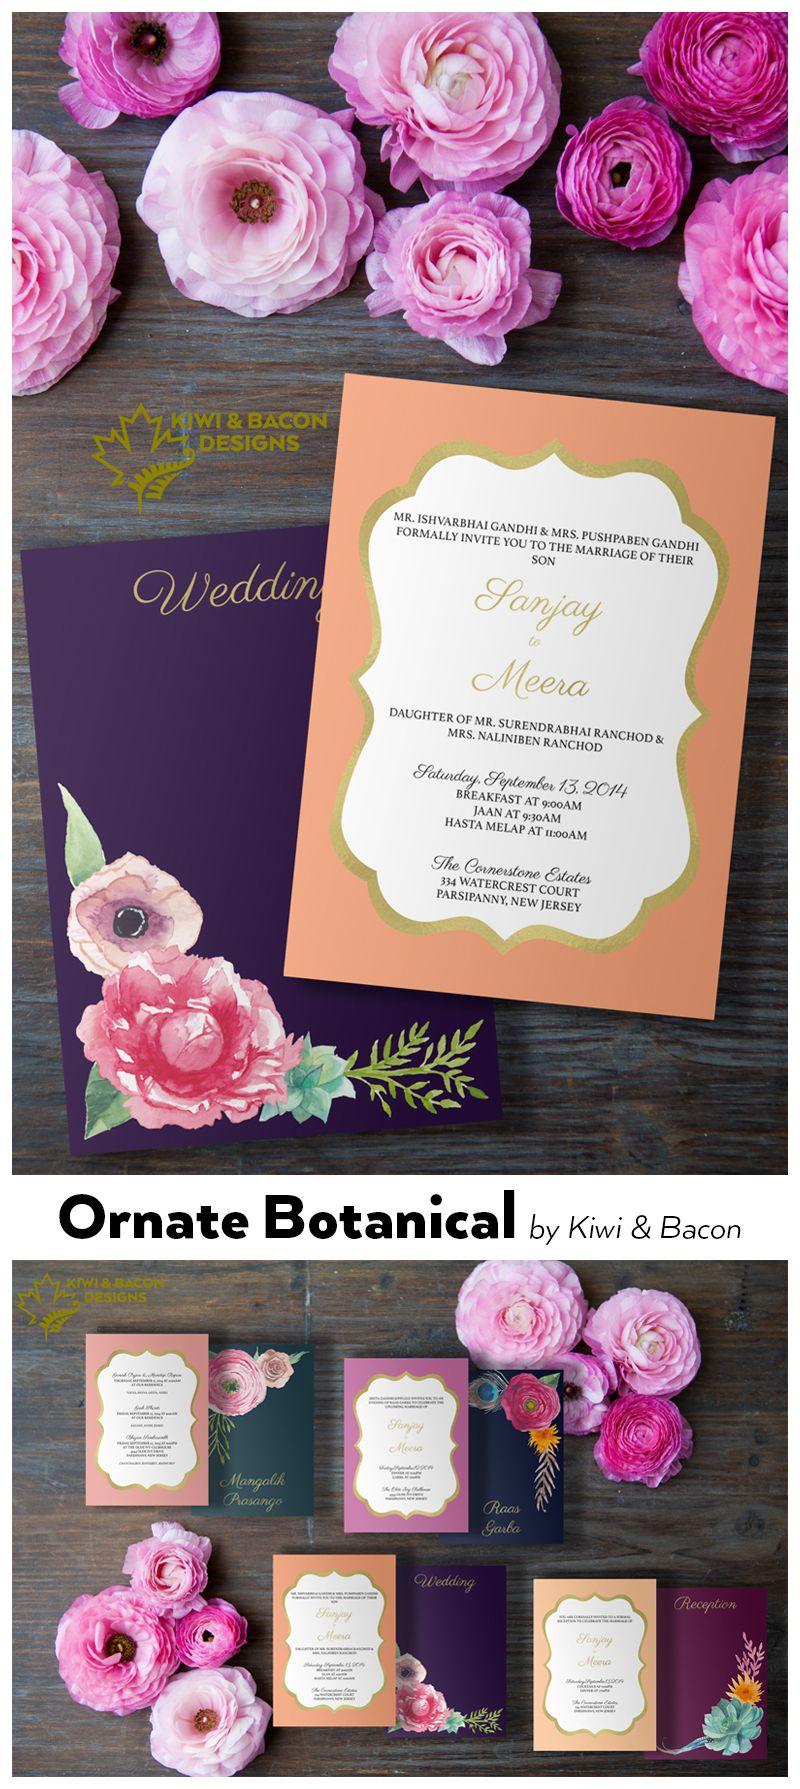 Indian wedding invitation card or suite ornate botanical by indian wedding invitation card or suite ornate botanical by kiwiandbacon flowers floral boho bollywood india punjabi southindian sikh gujarati stopboris Image collections